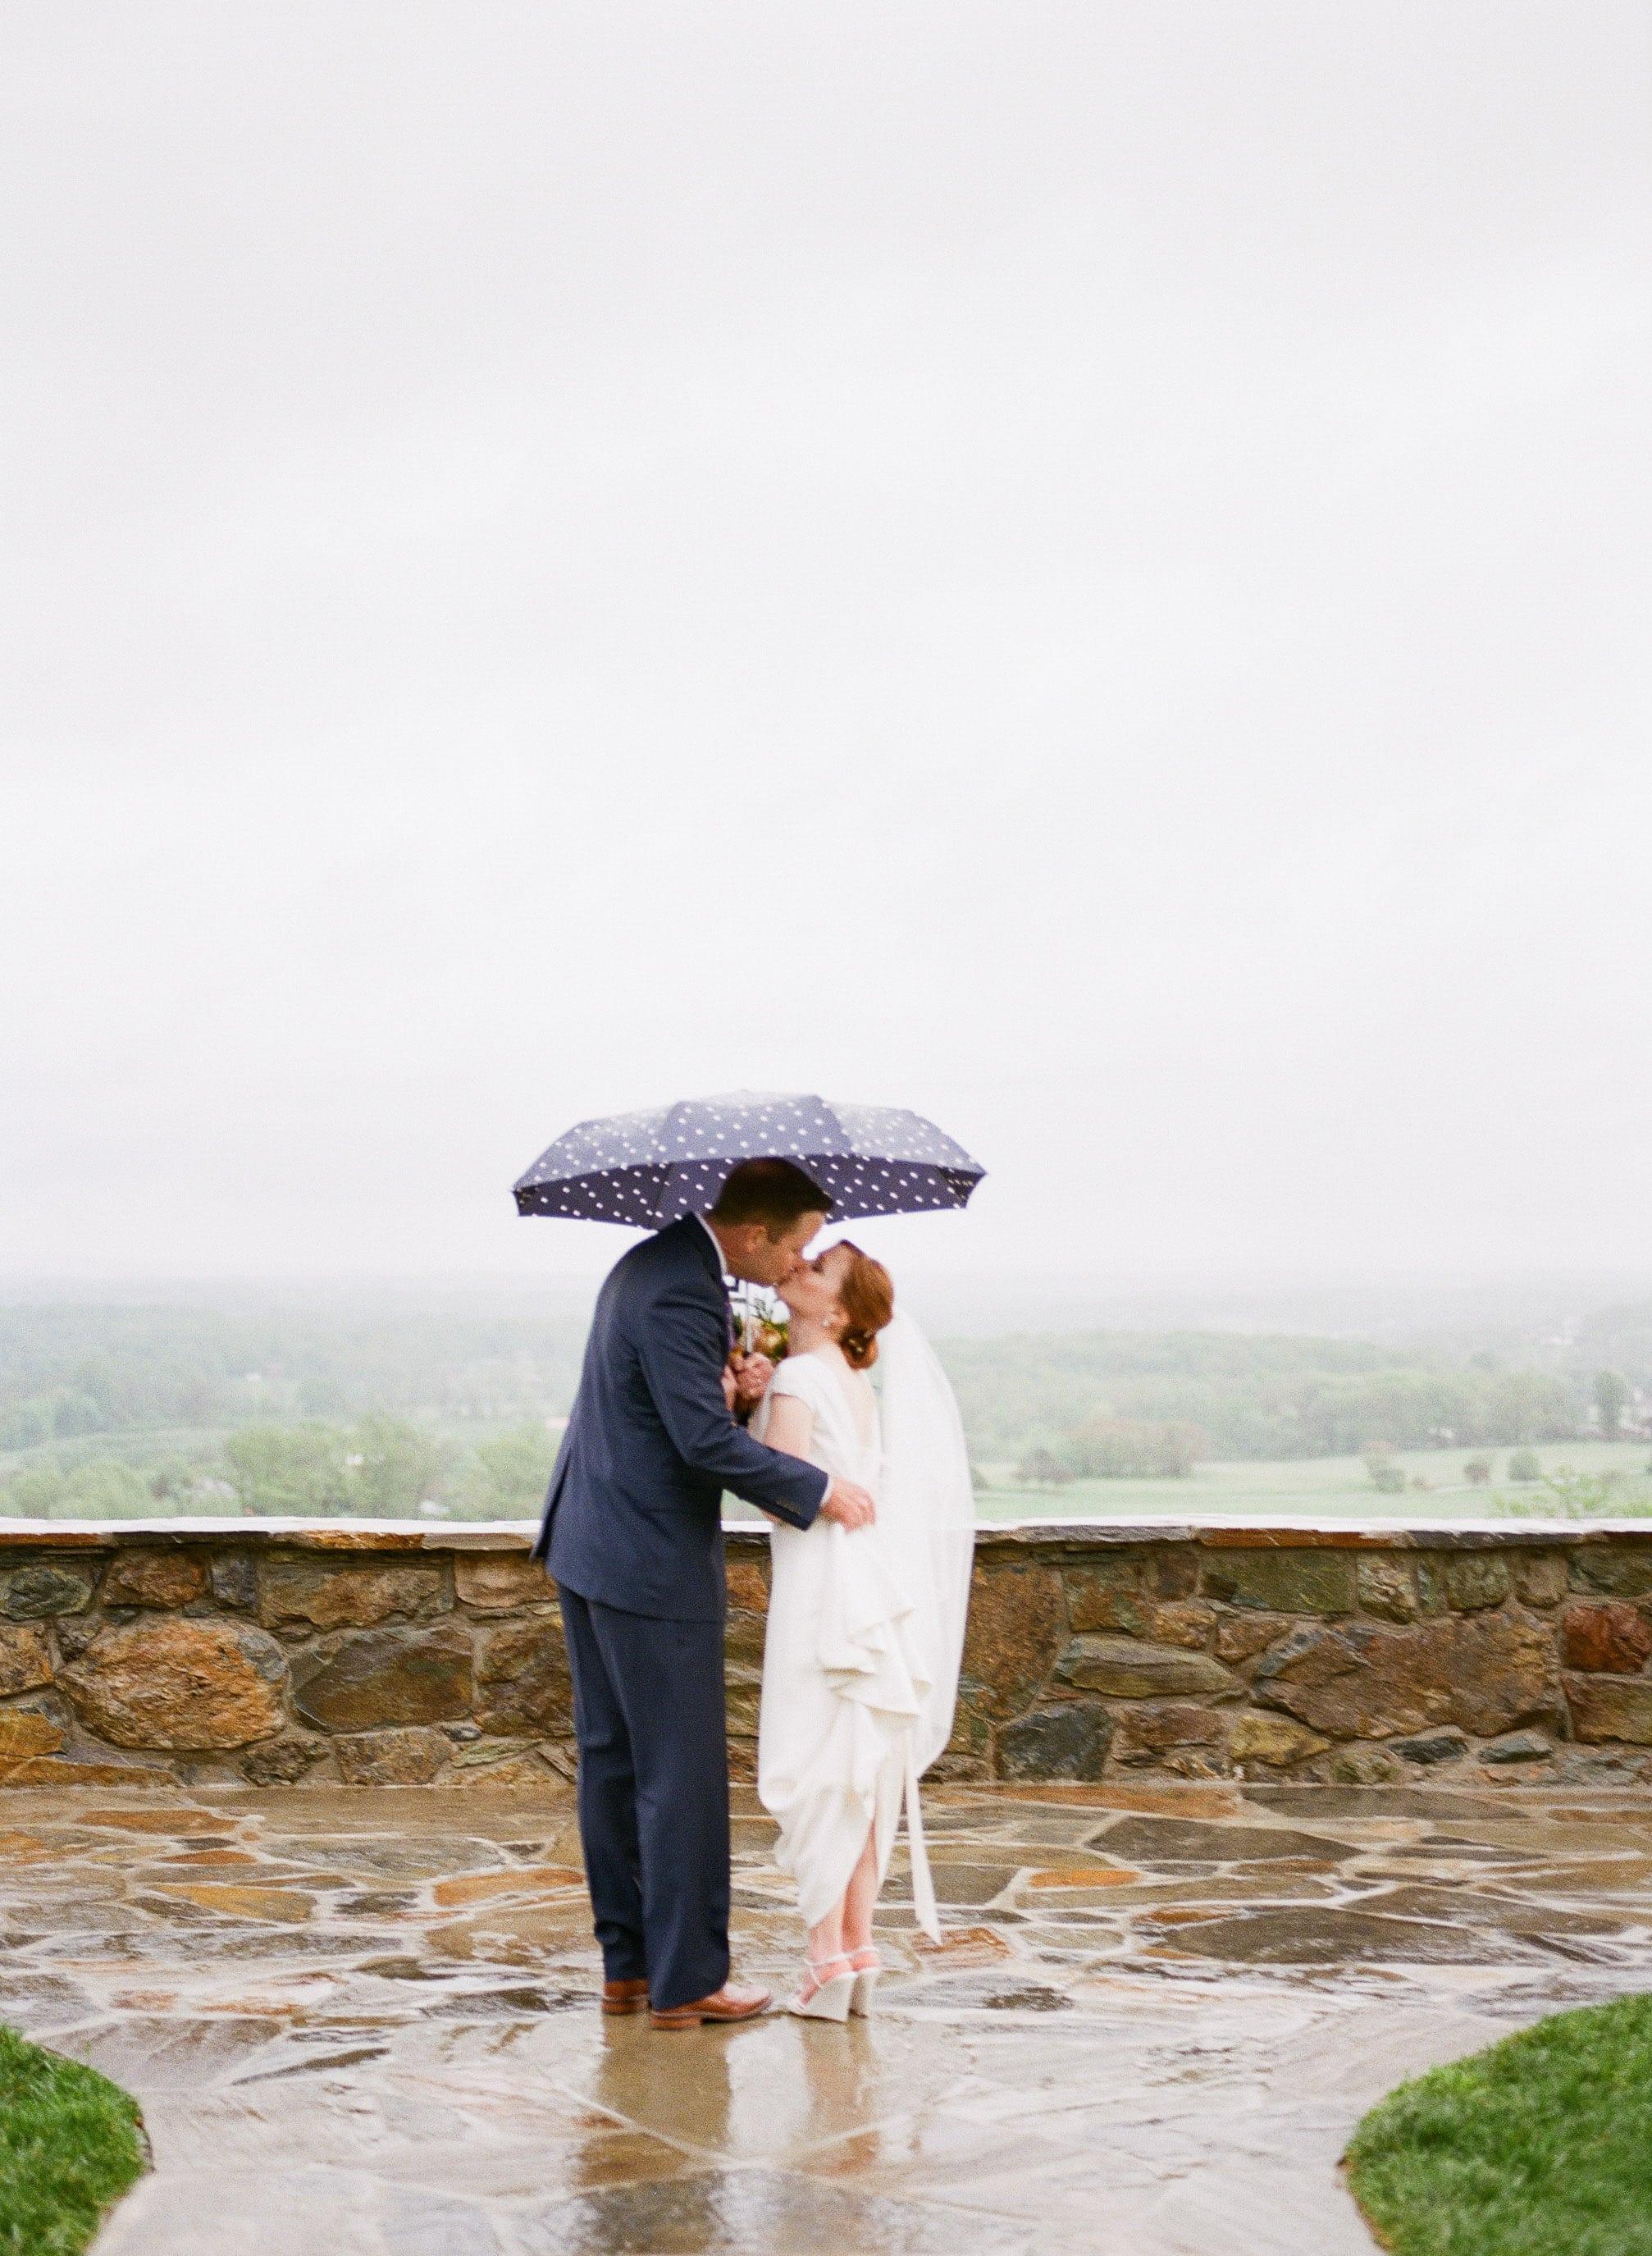 Mr. & Mrs. Schaper-000041550005